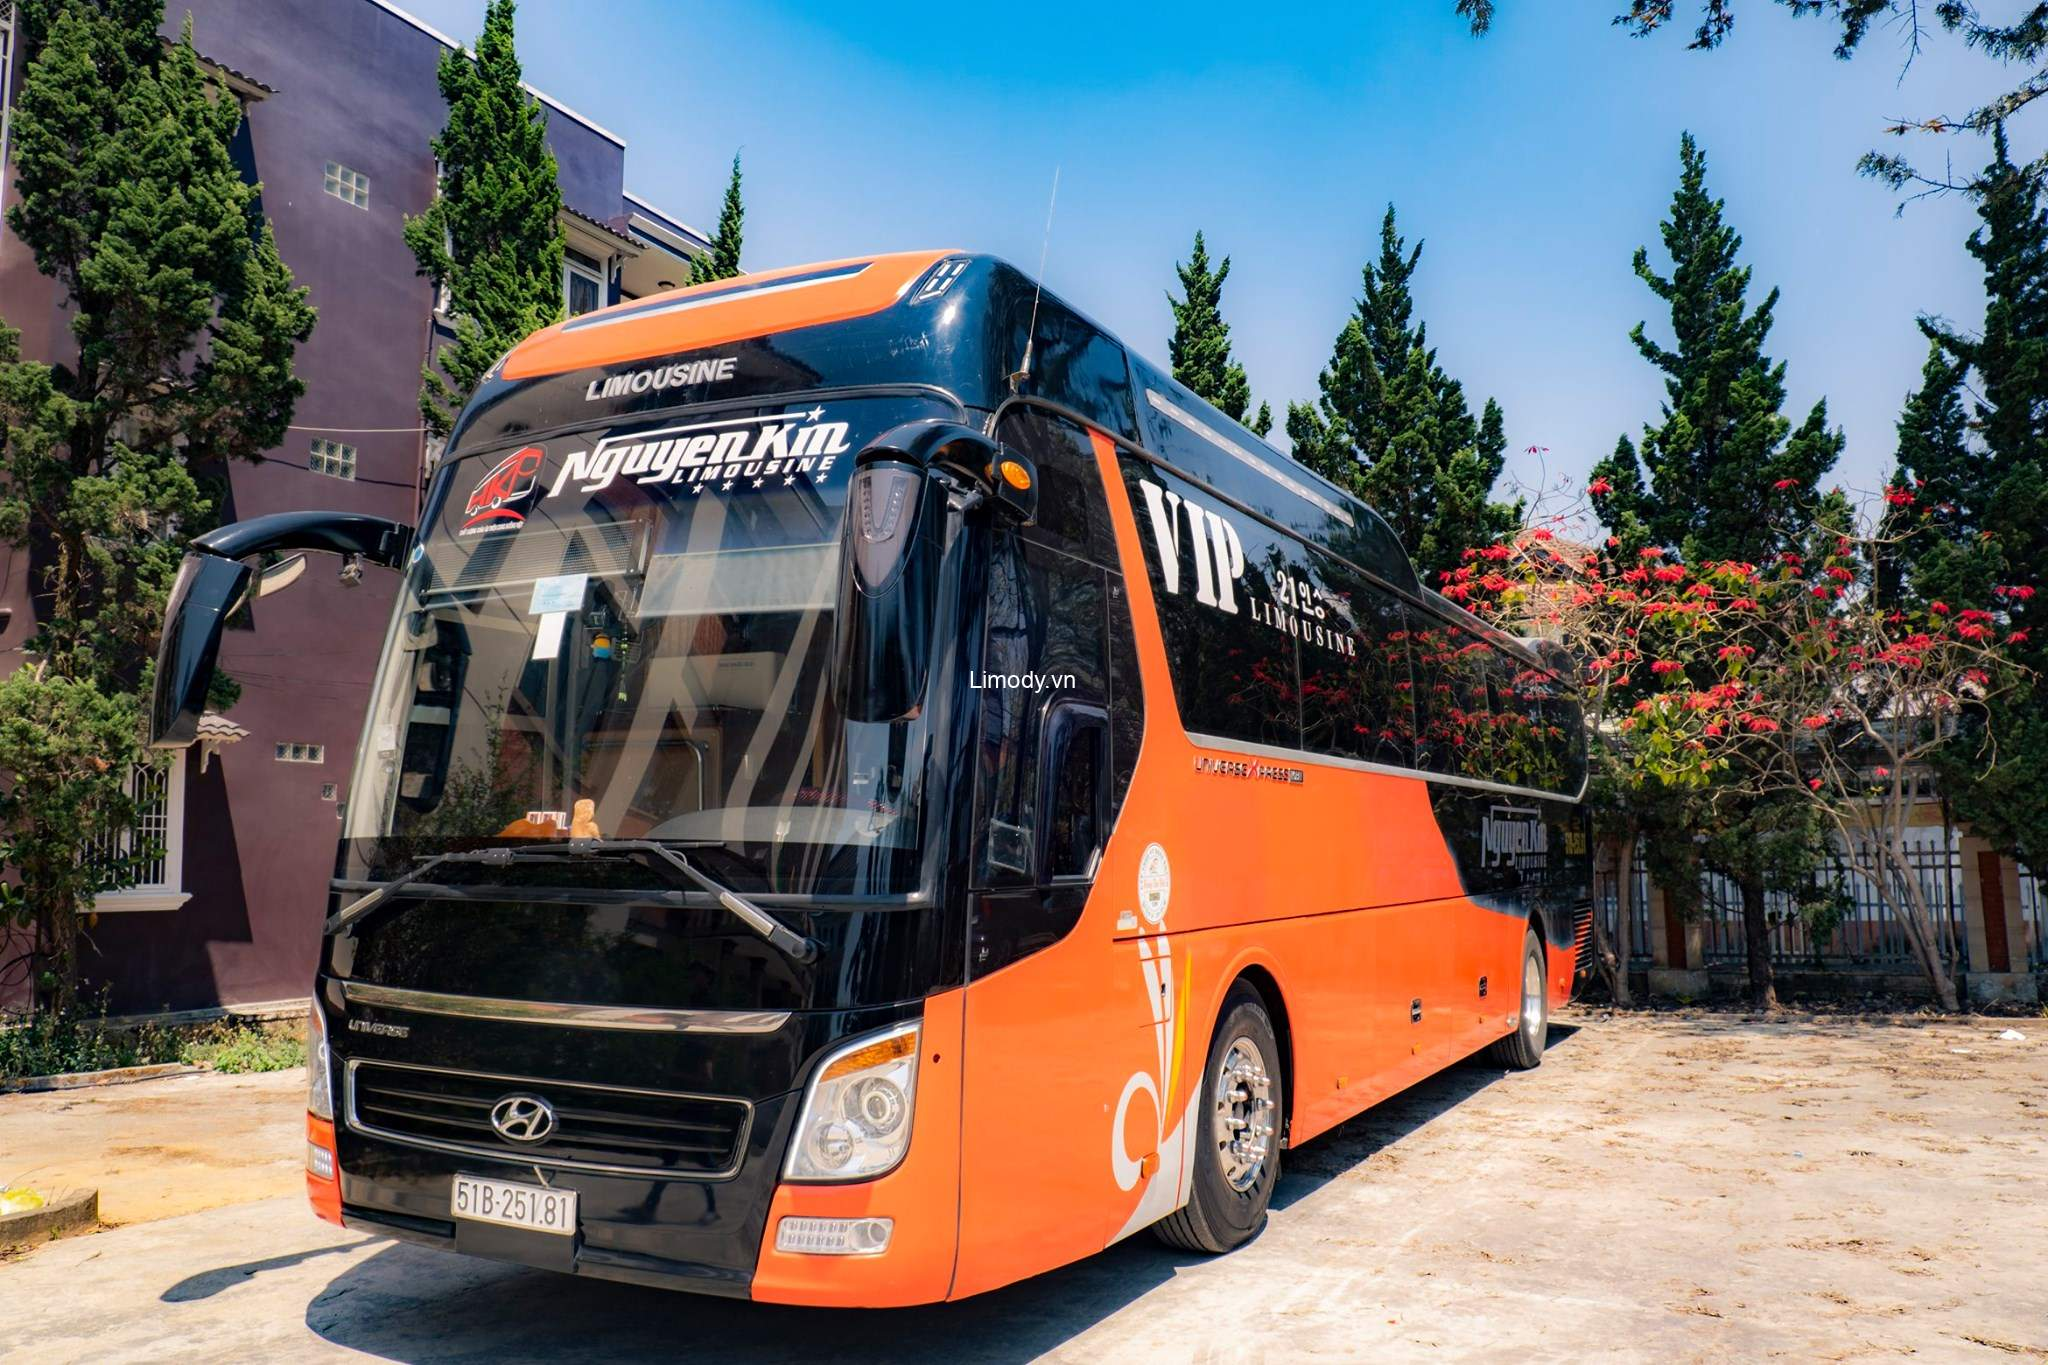 Xe Nguyễn Kim: Bến xe, giá vé, số điện thoại đặt vé, lịch trình đi Đà Lạt